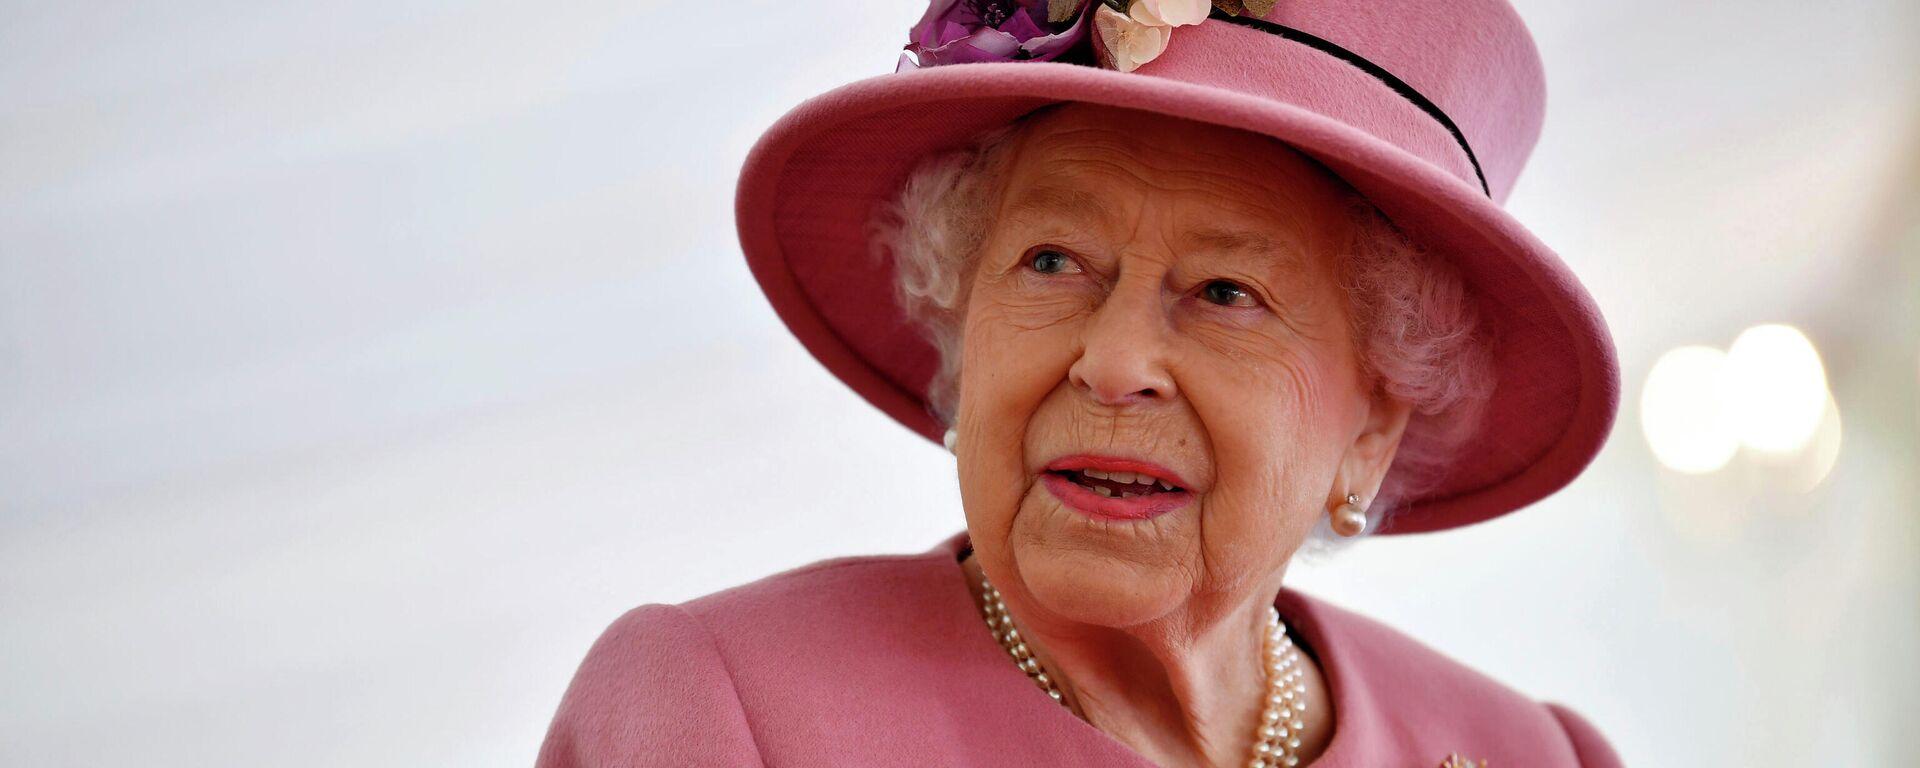 Britische Königin Elizabeth II. (Archivbild) - SNA, 1920, 23.08.2021